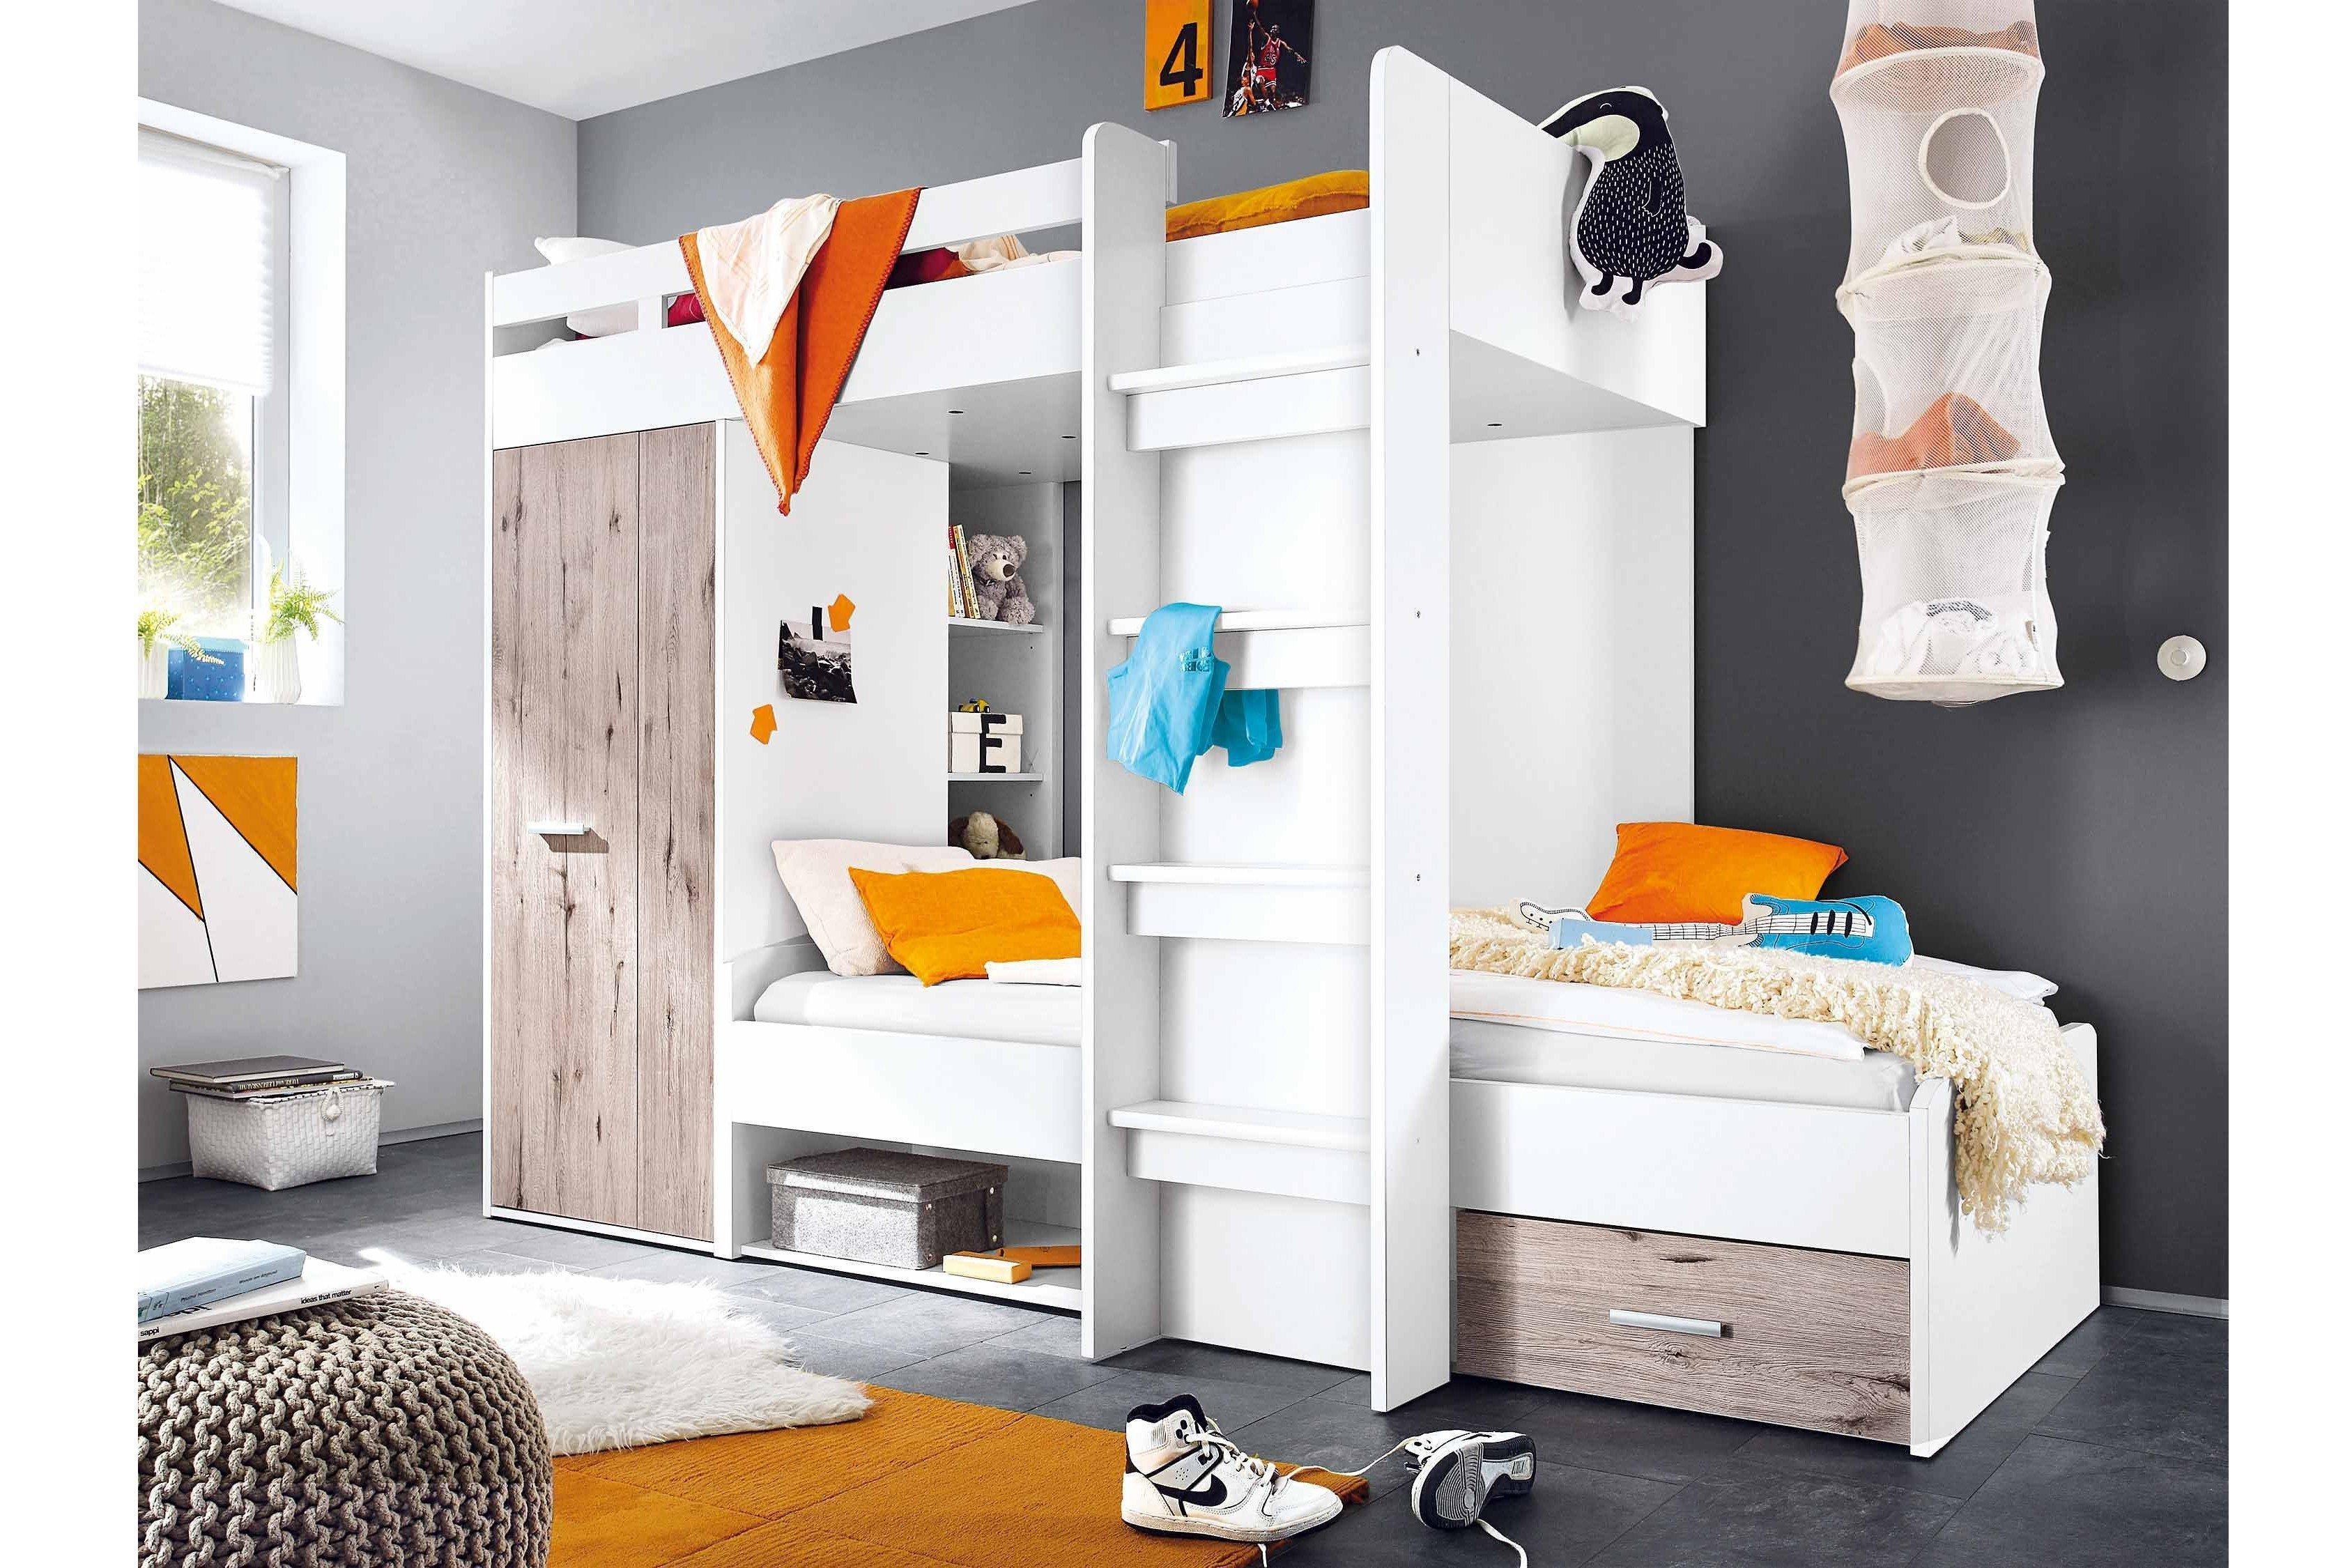 Etagenbett Mit Schrank : Begabino maxi hochbett mit liegeflächen weiß möbel letz ihr